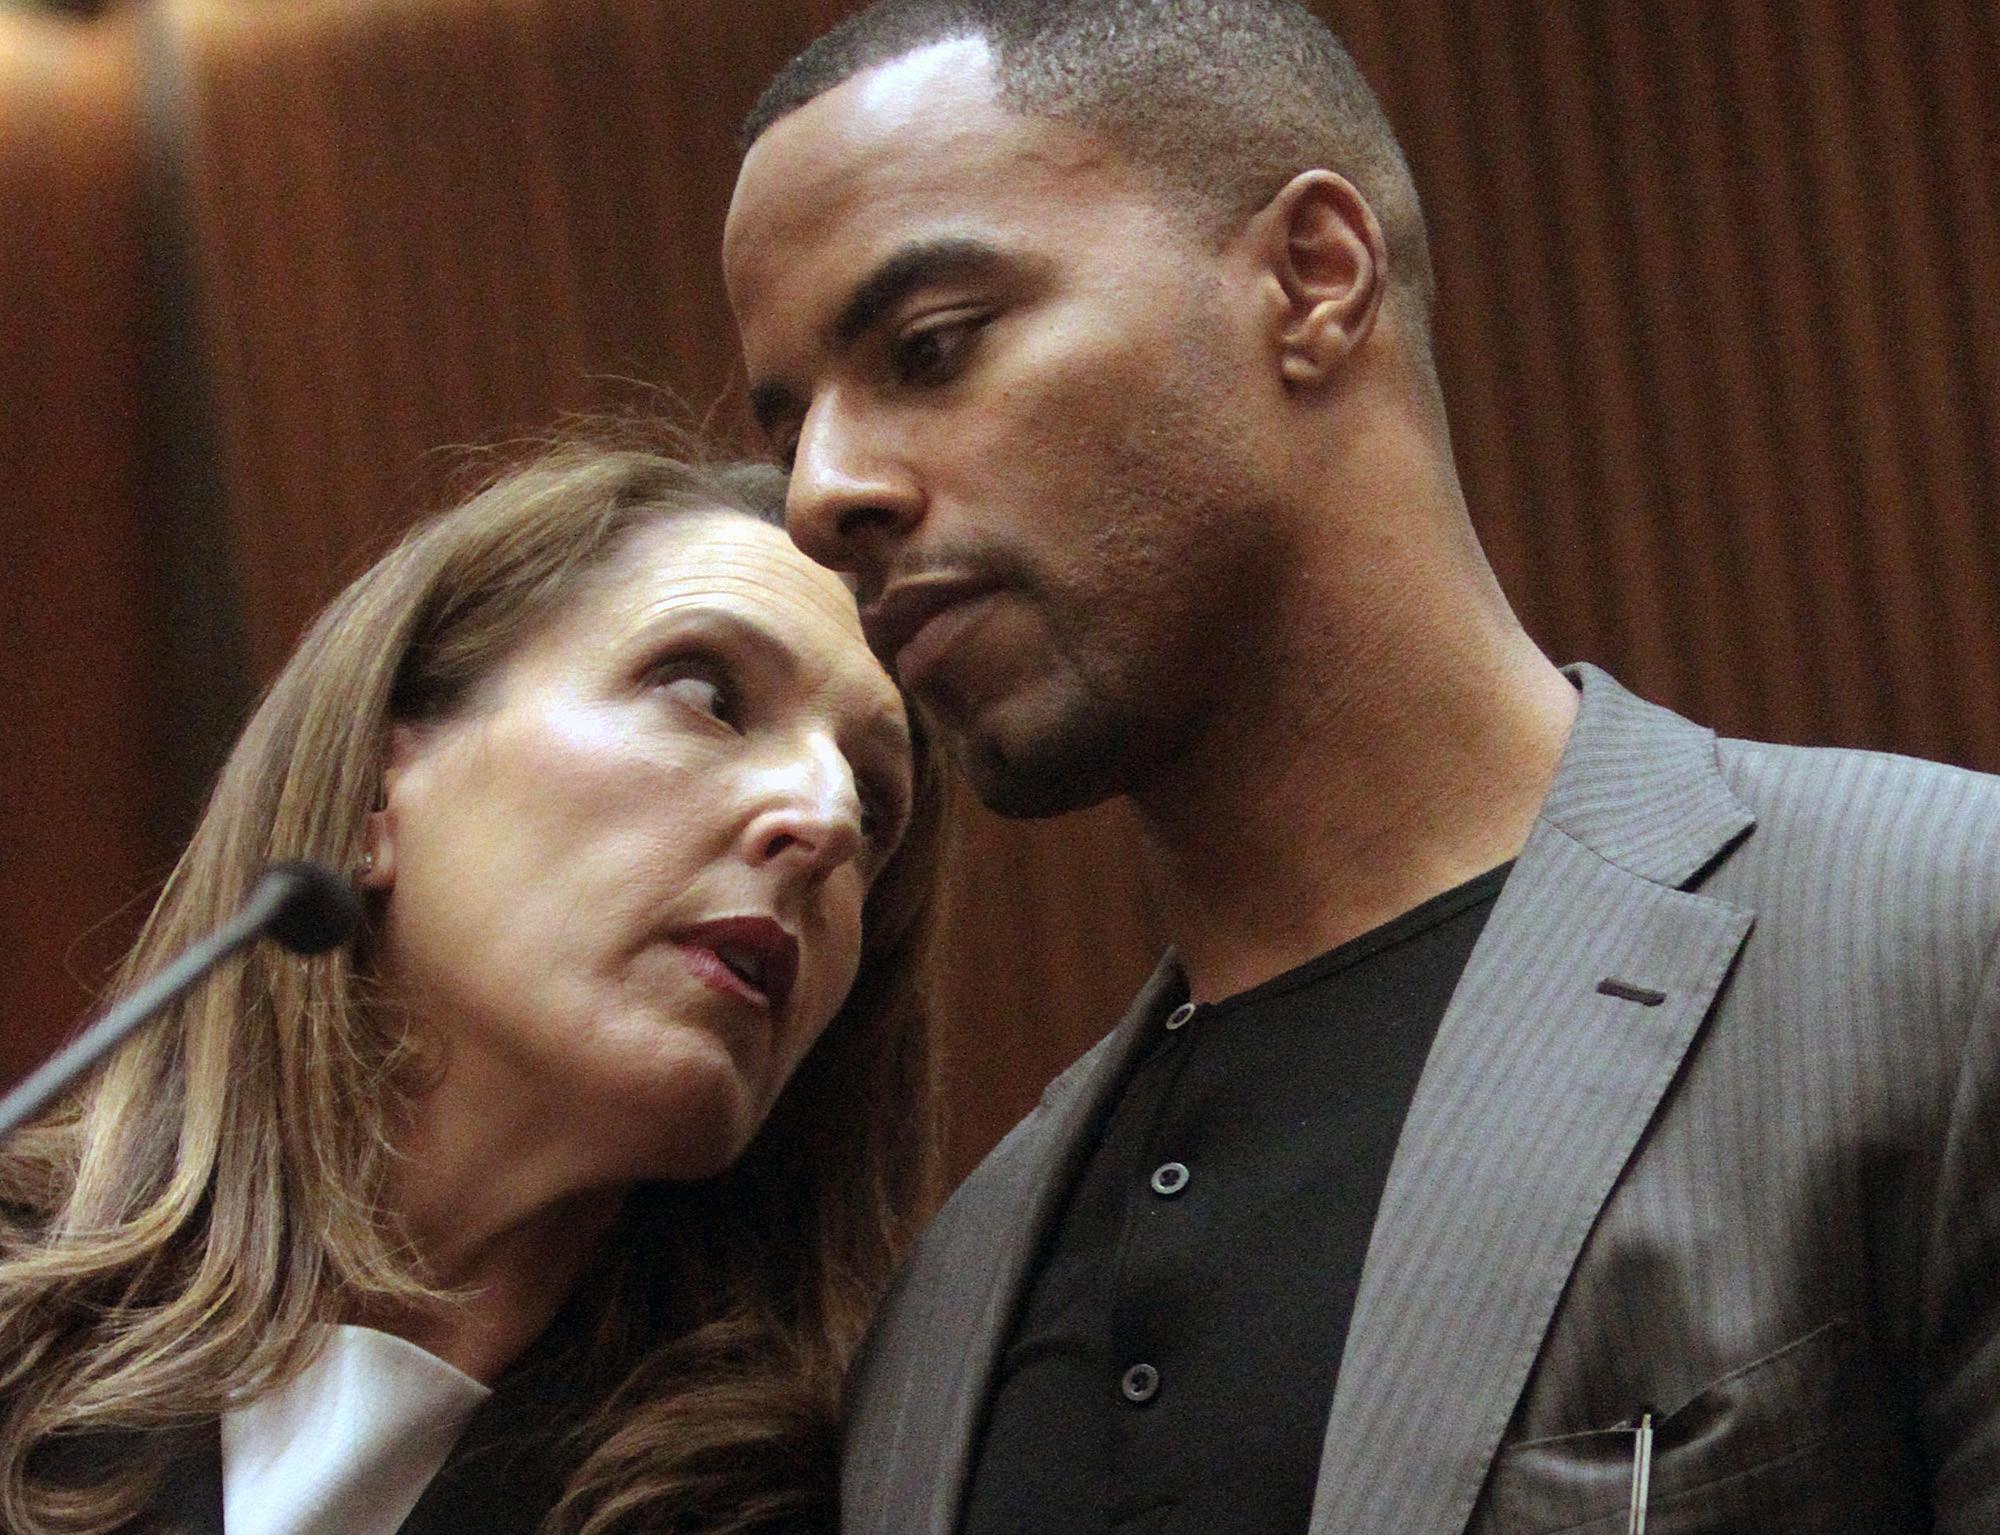 Former NFL safety Darren Sharper, right, huddles with attorney Blair Berk in Los Angeles Superior Court.